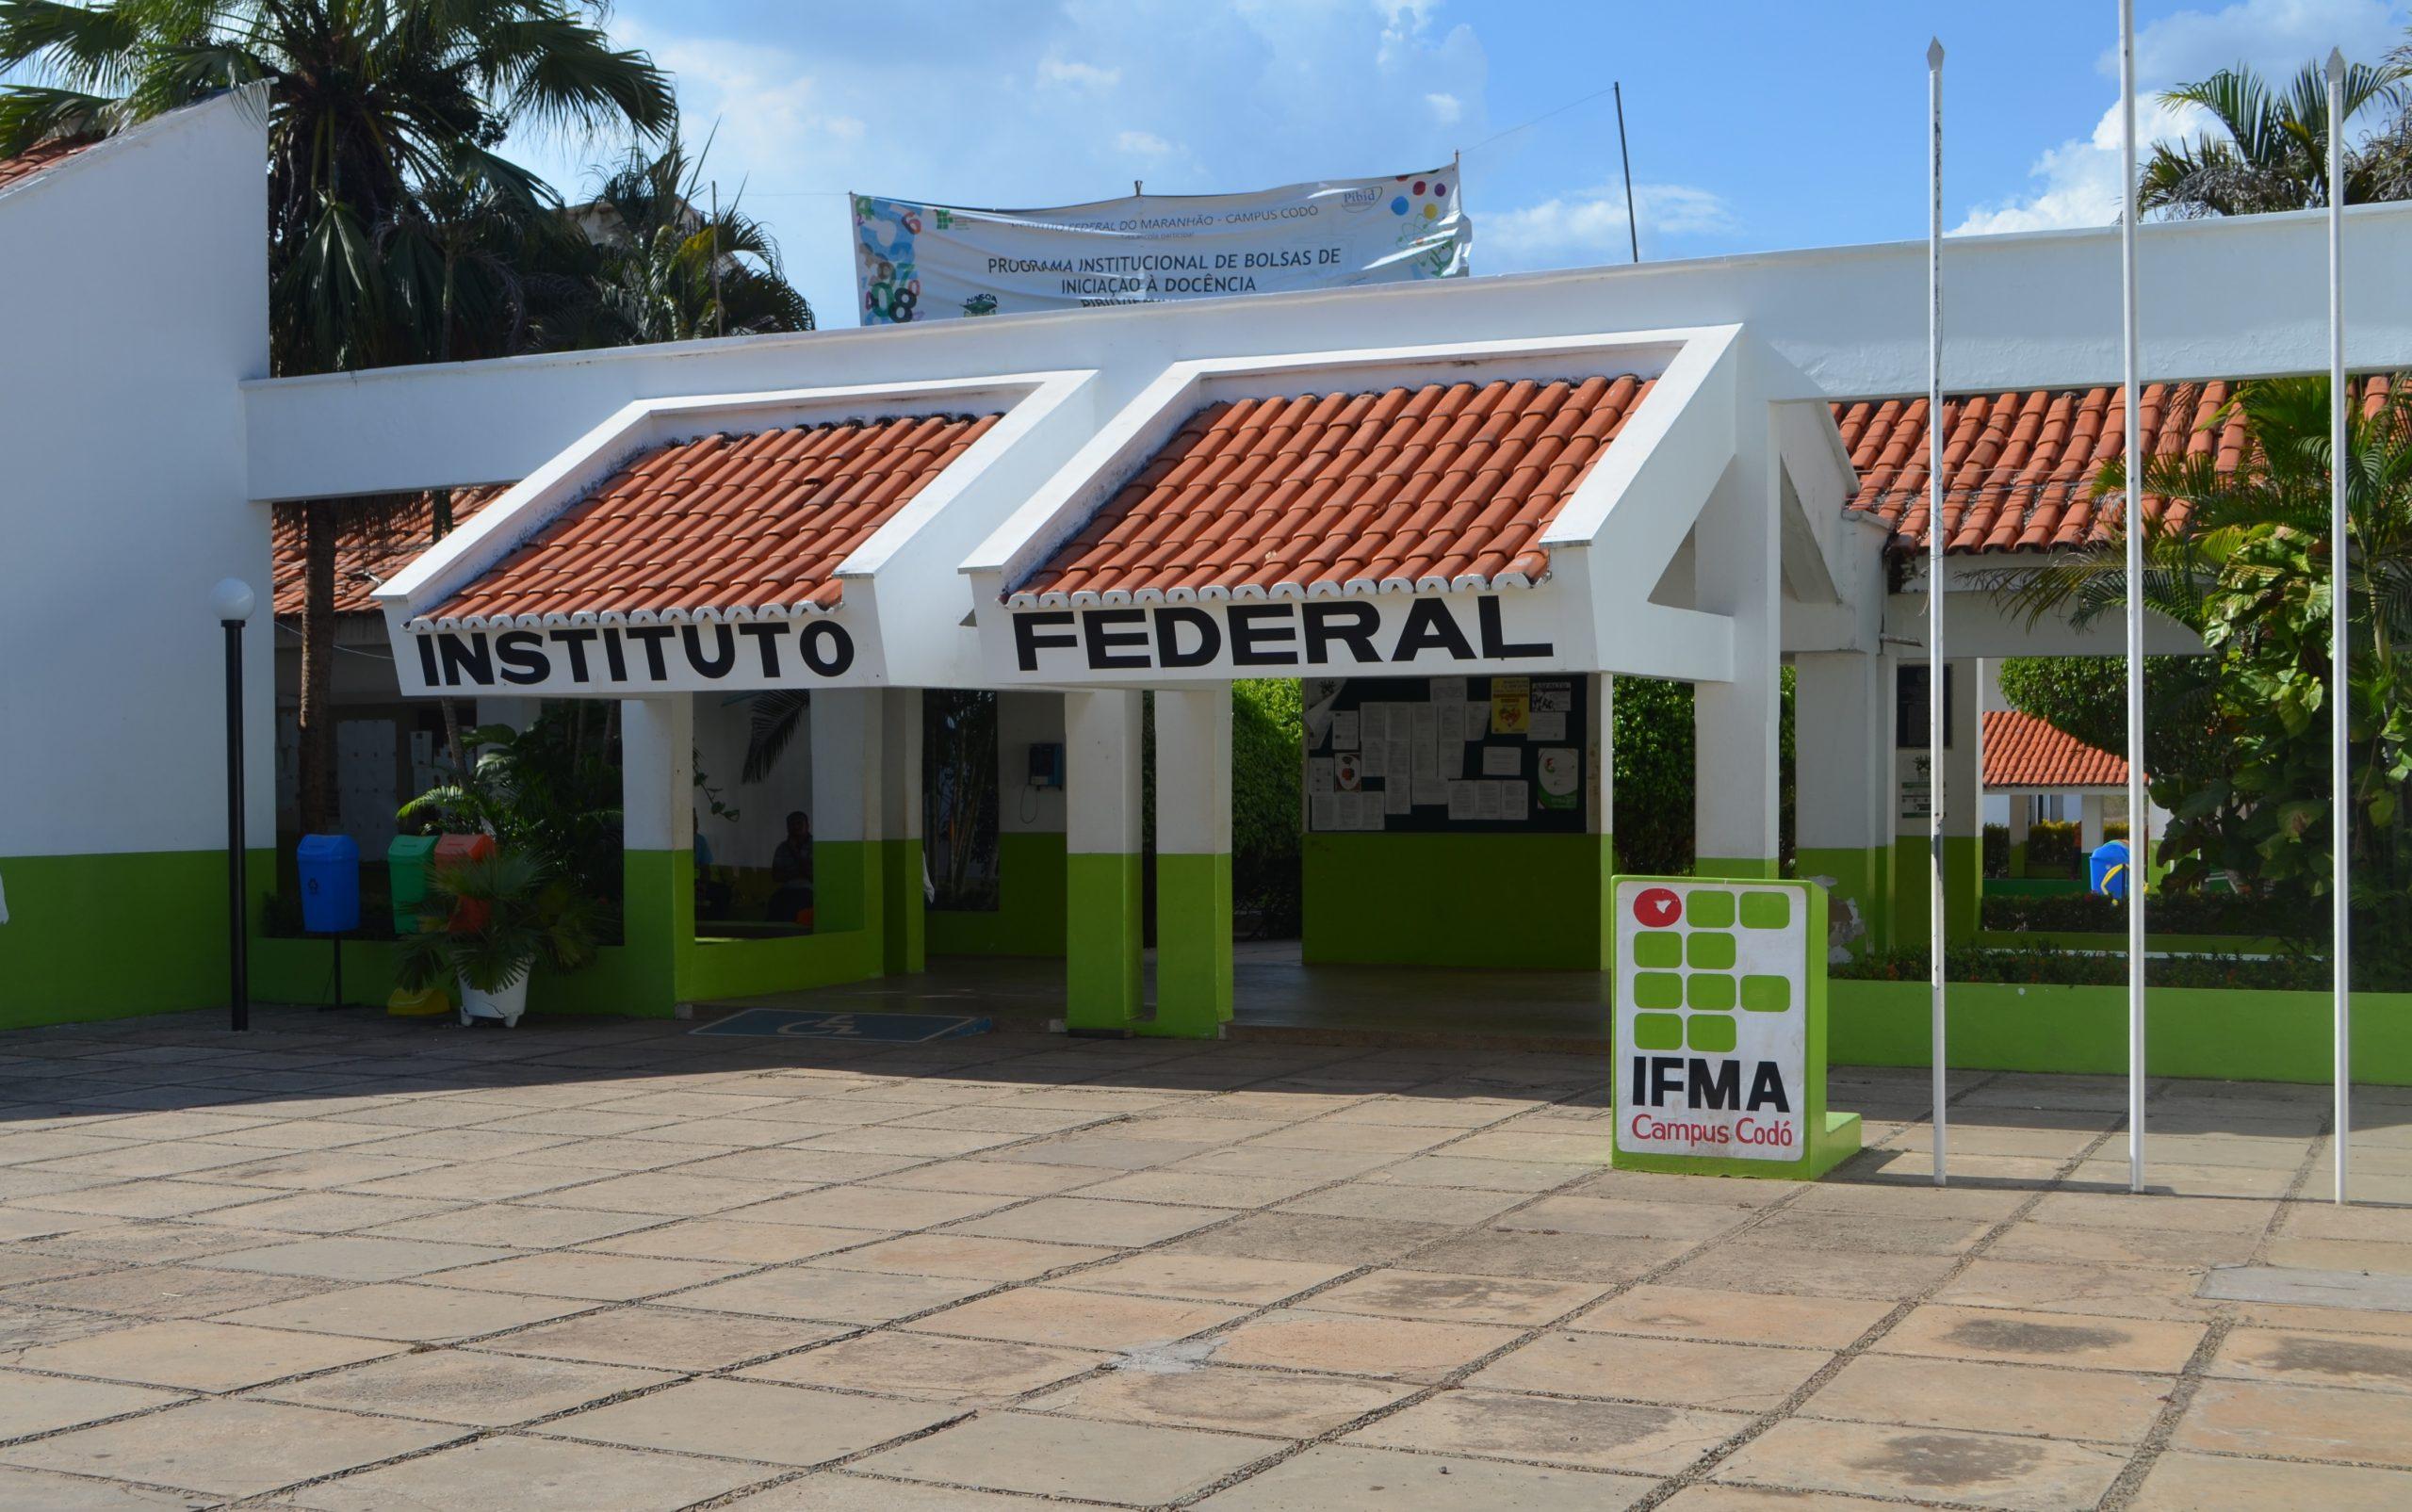 Instituto Federal do Maranhão (Concurso IFMA) amplia número de vagas em concurso público com oferta de vagas para todos os níveis! Até R$ 9 mil.